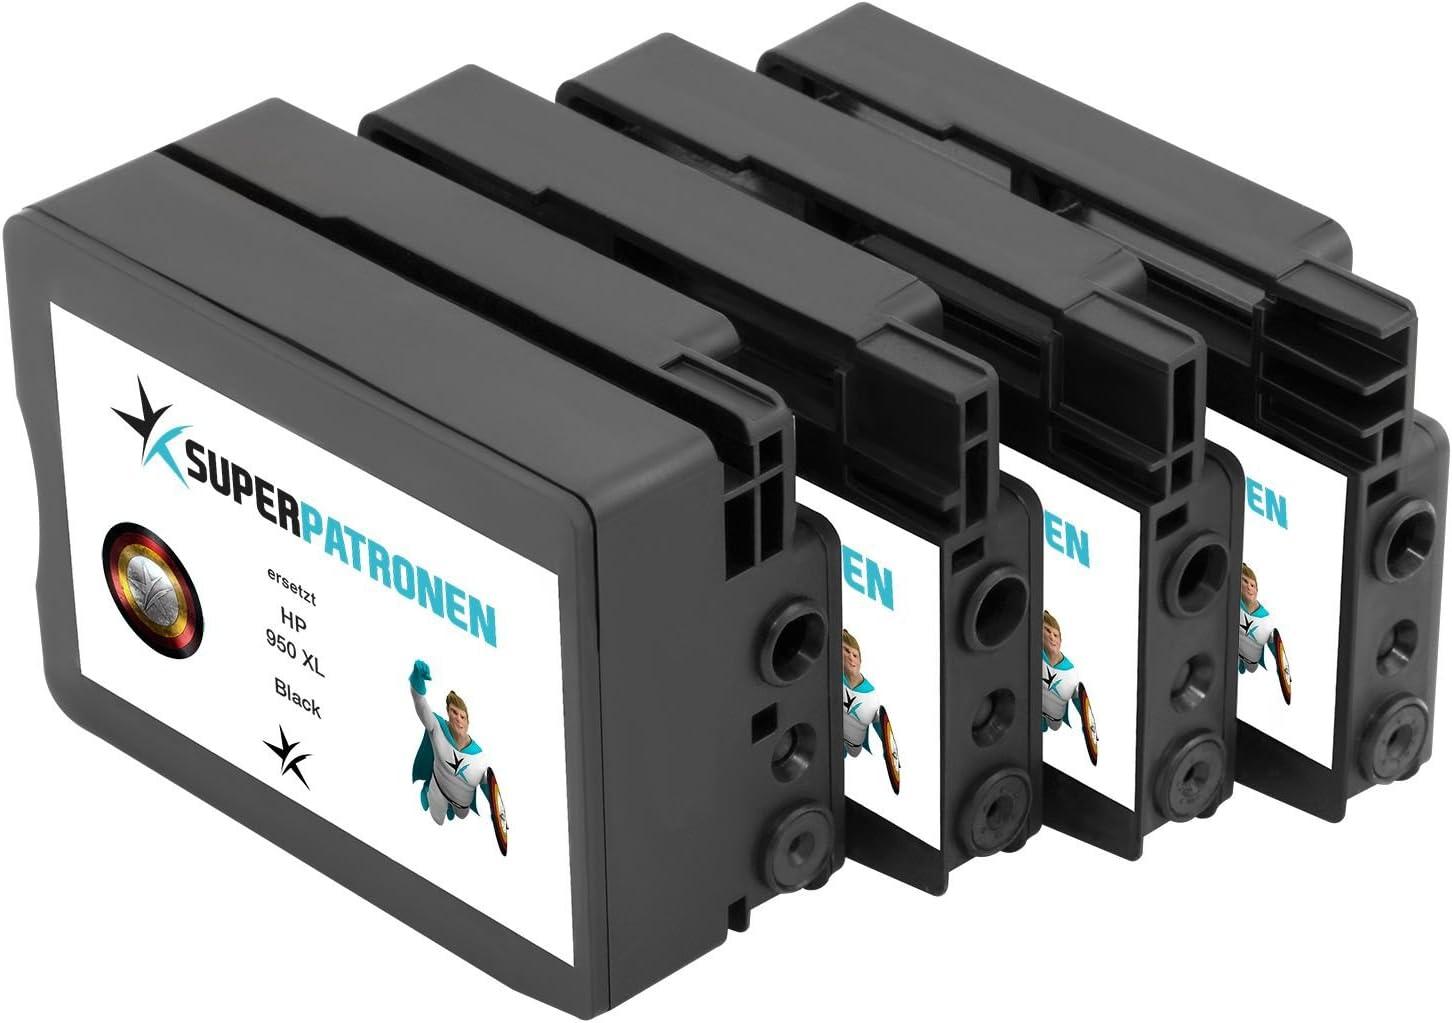 4 Xl Premium Druckerpatronen Ersetzen Original Hp 950 Xl 951 Xl C2p43ae Multipack Made In Germany Passend Für Hp Officejet Pro 251 Dw 276 Dw 8100 Eprinter 8600 8600 Plus 8600 Premium 8610 8615 8616 8620 8625 8630 8640